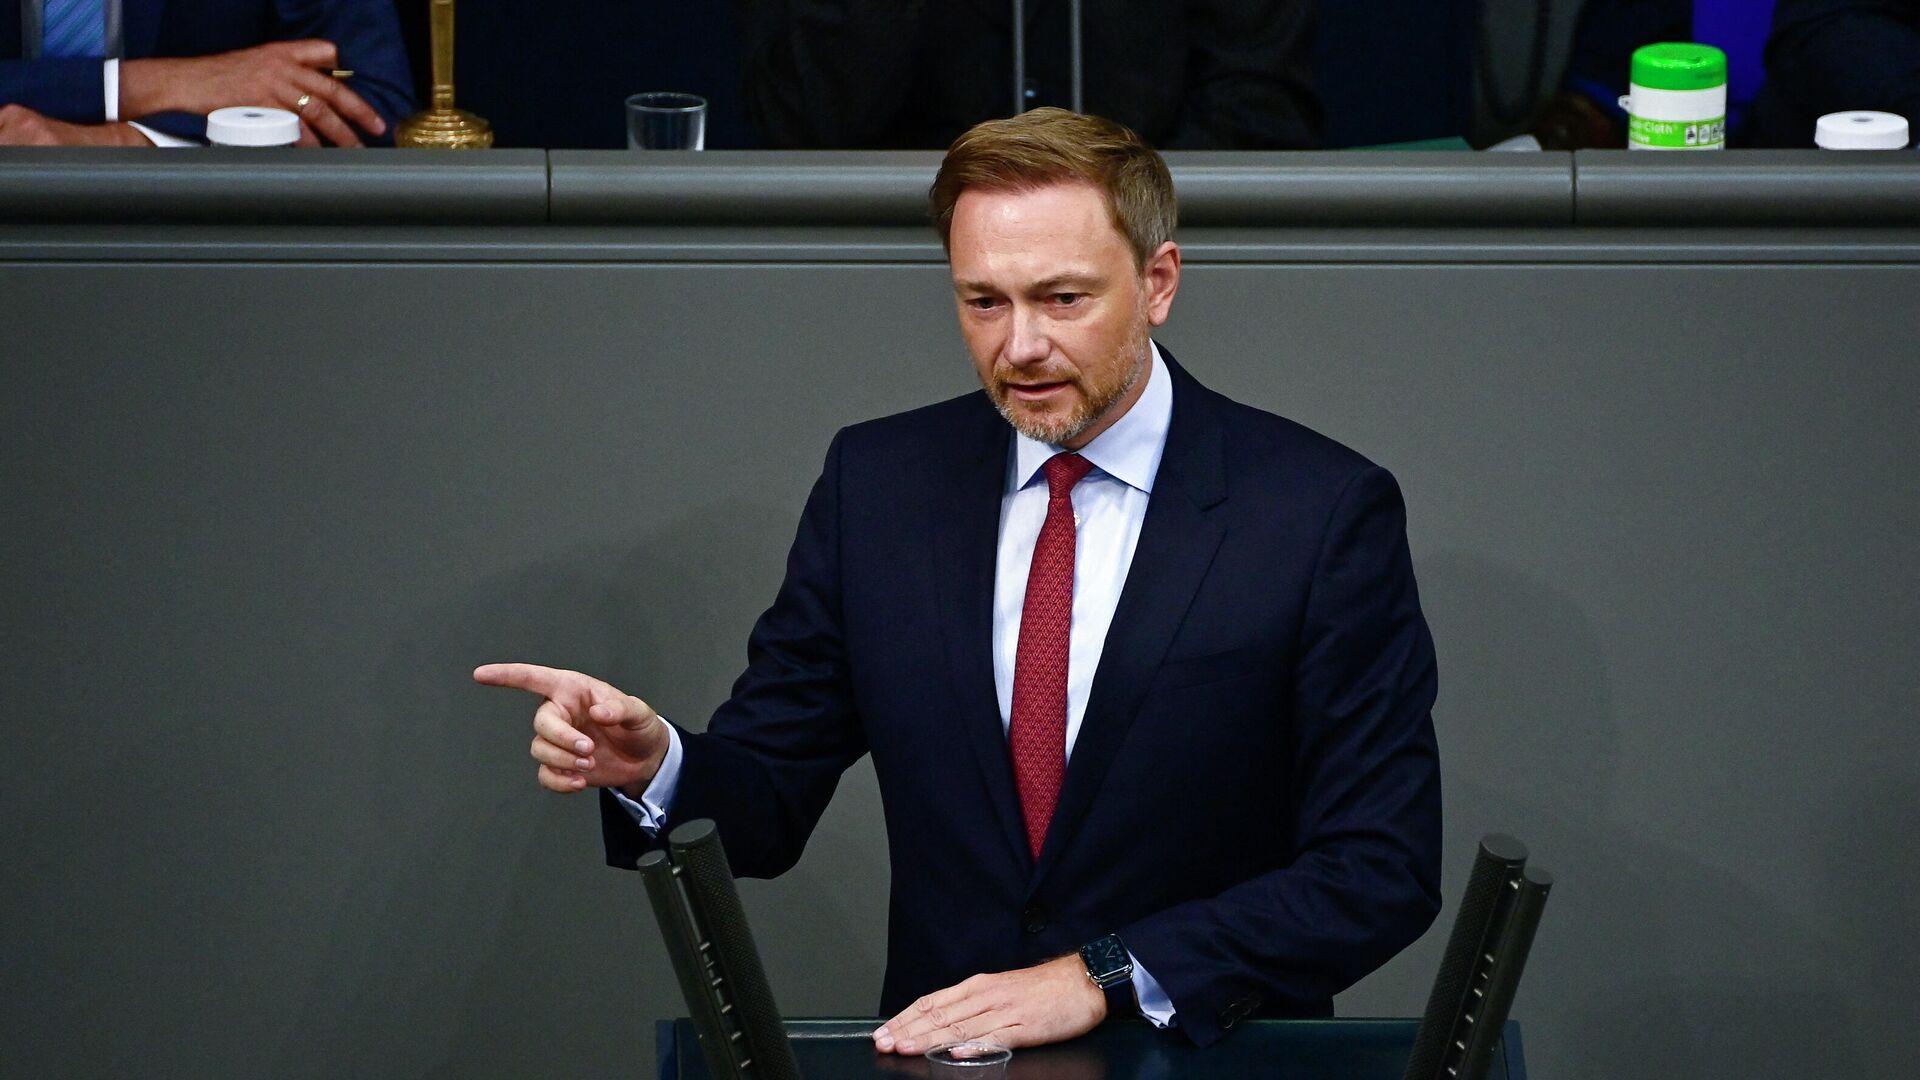 Der Vorsitzende der Freien Demokratischen Partei (FDP) und Spitzenkandidat für die Wahlen im September, Christian Lindner, spricht bei seiner Rede vor dem Bundestag in Berlin am 24. Juni 2021. - SNA, 1920, 03.09.2021